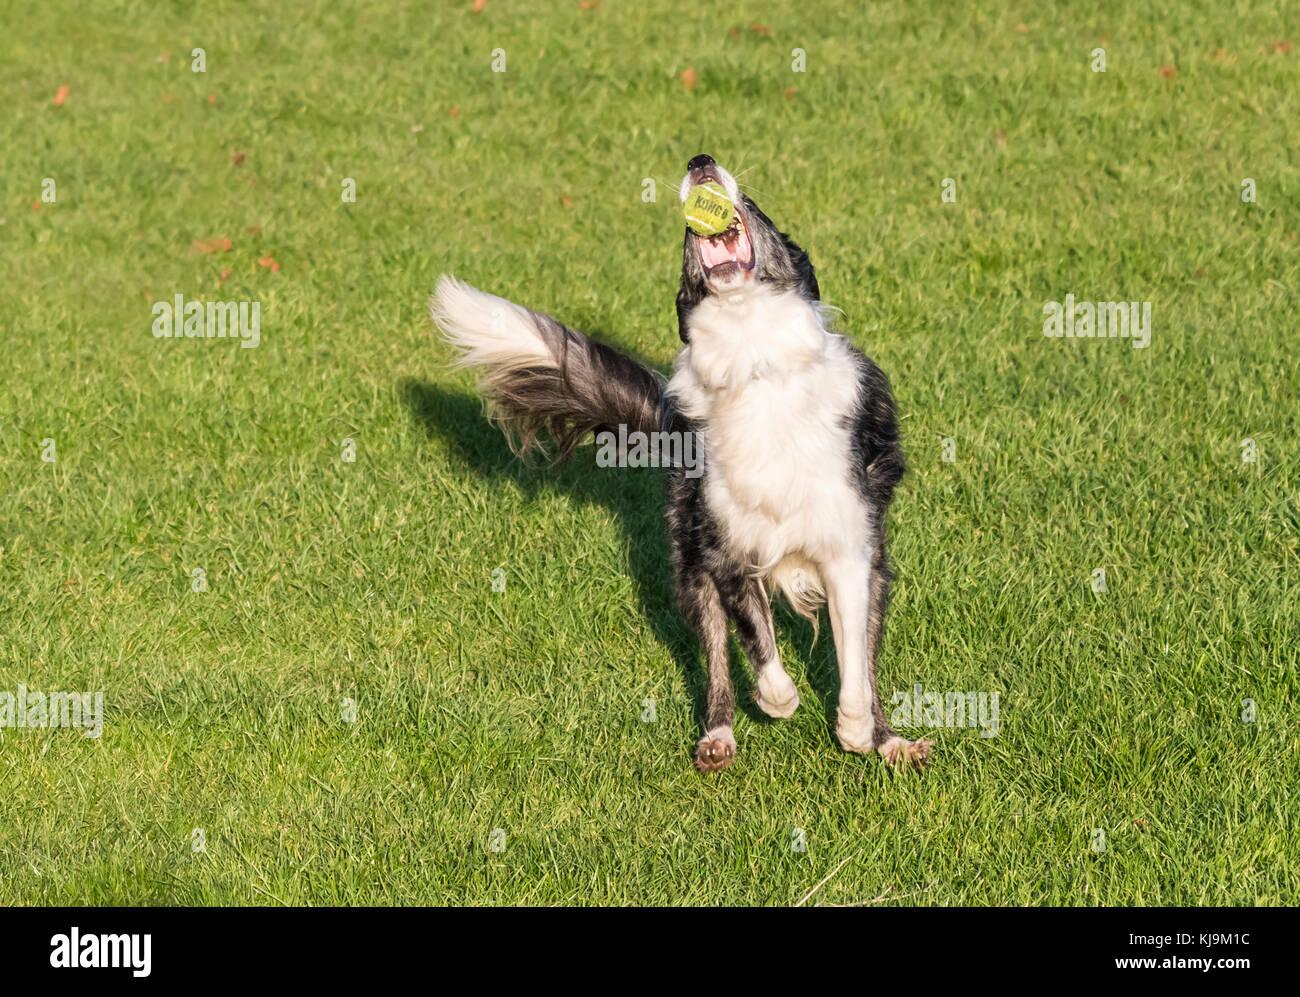 Un sheepdog giocando con una palla e la cattura di esso nella sua bocca. Immagini Stock